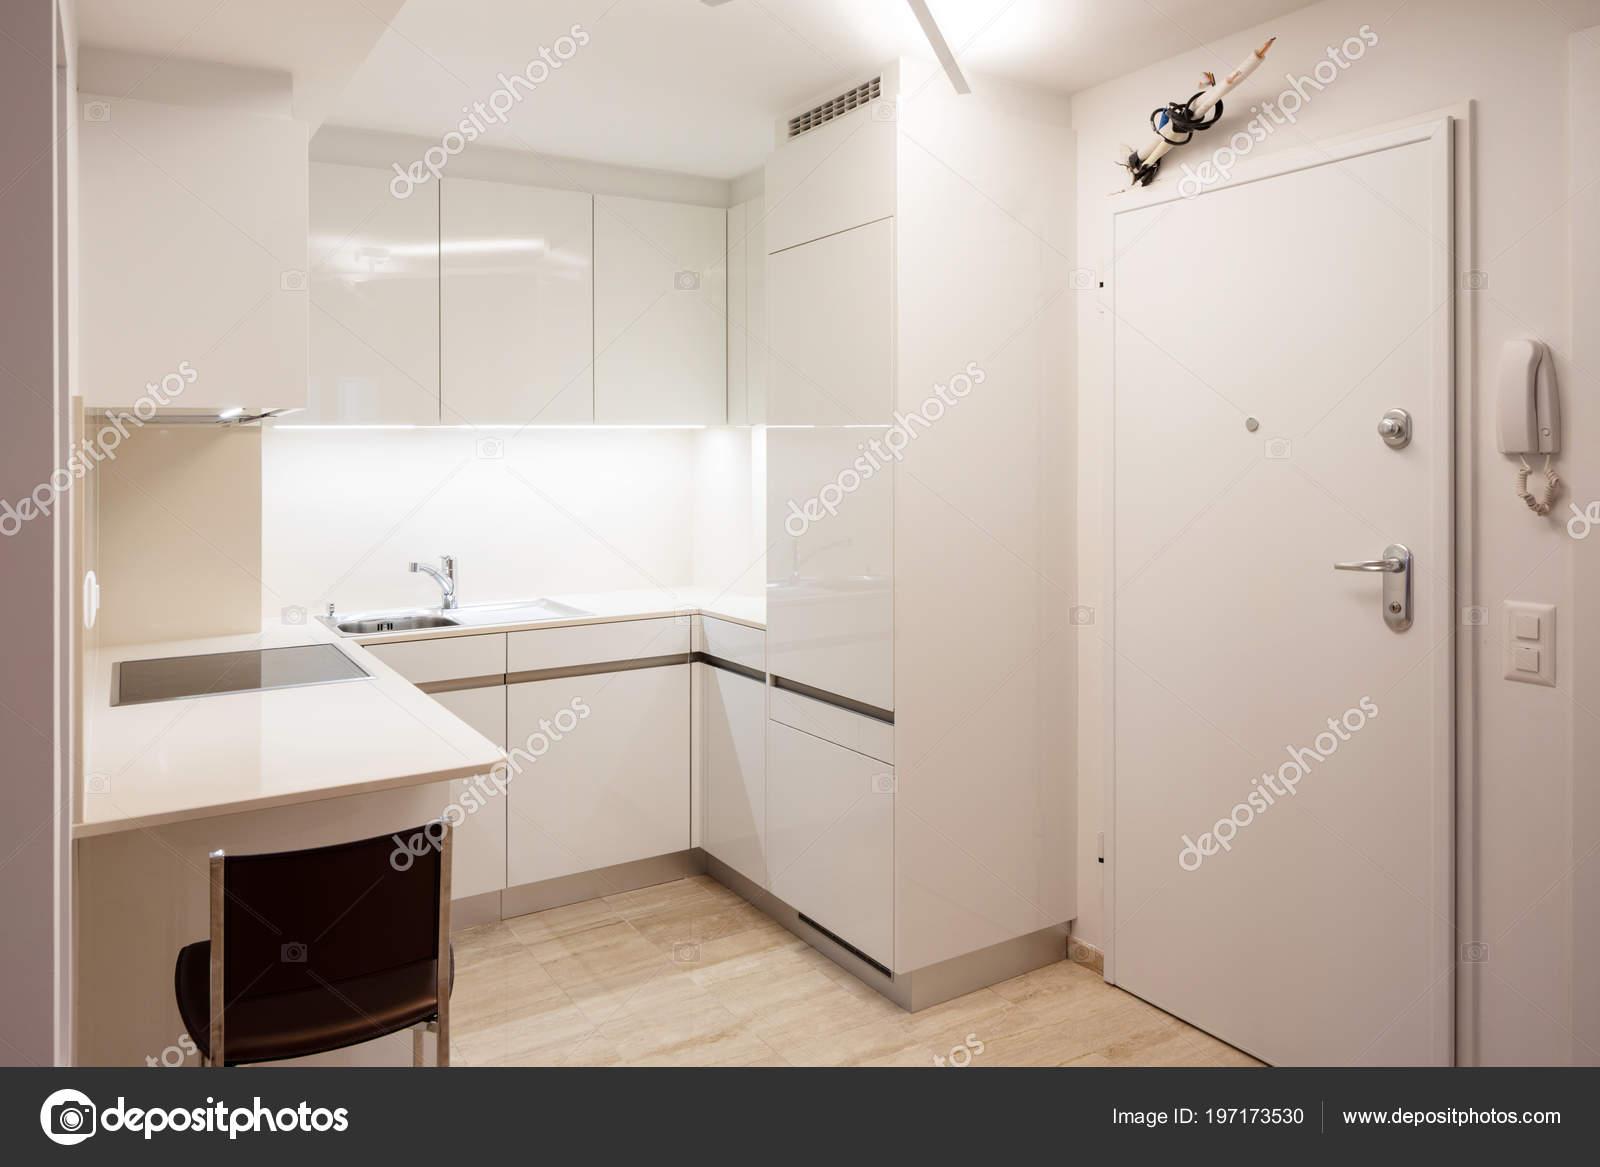 Afbeeldingen Design Keukens : Design keuken modern appartement met ontlasting niemand binnen